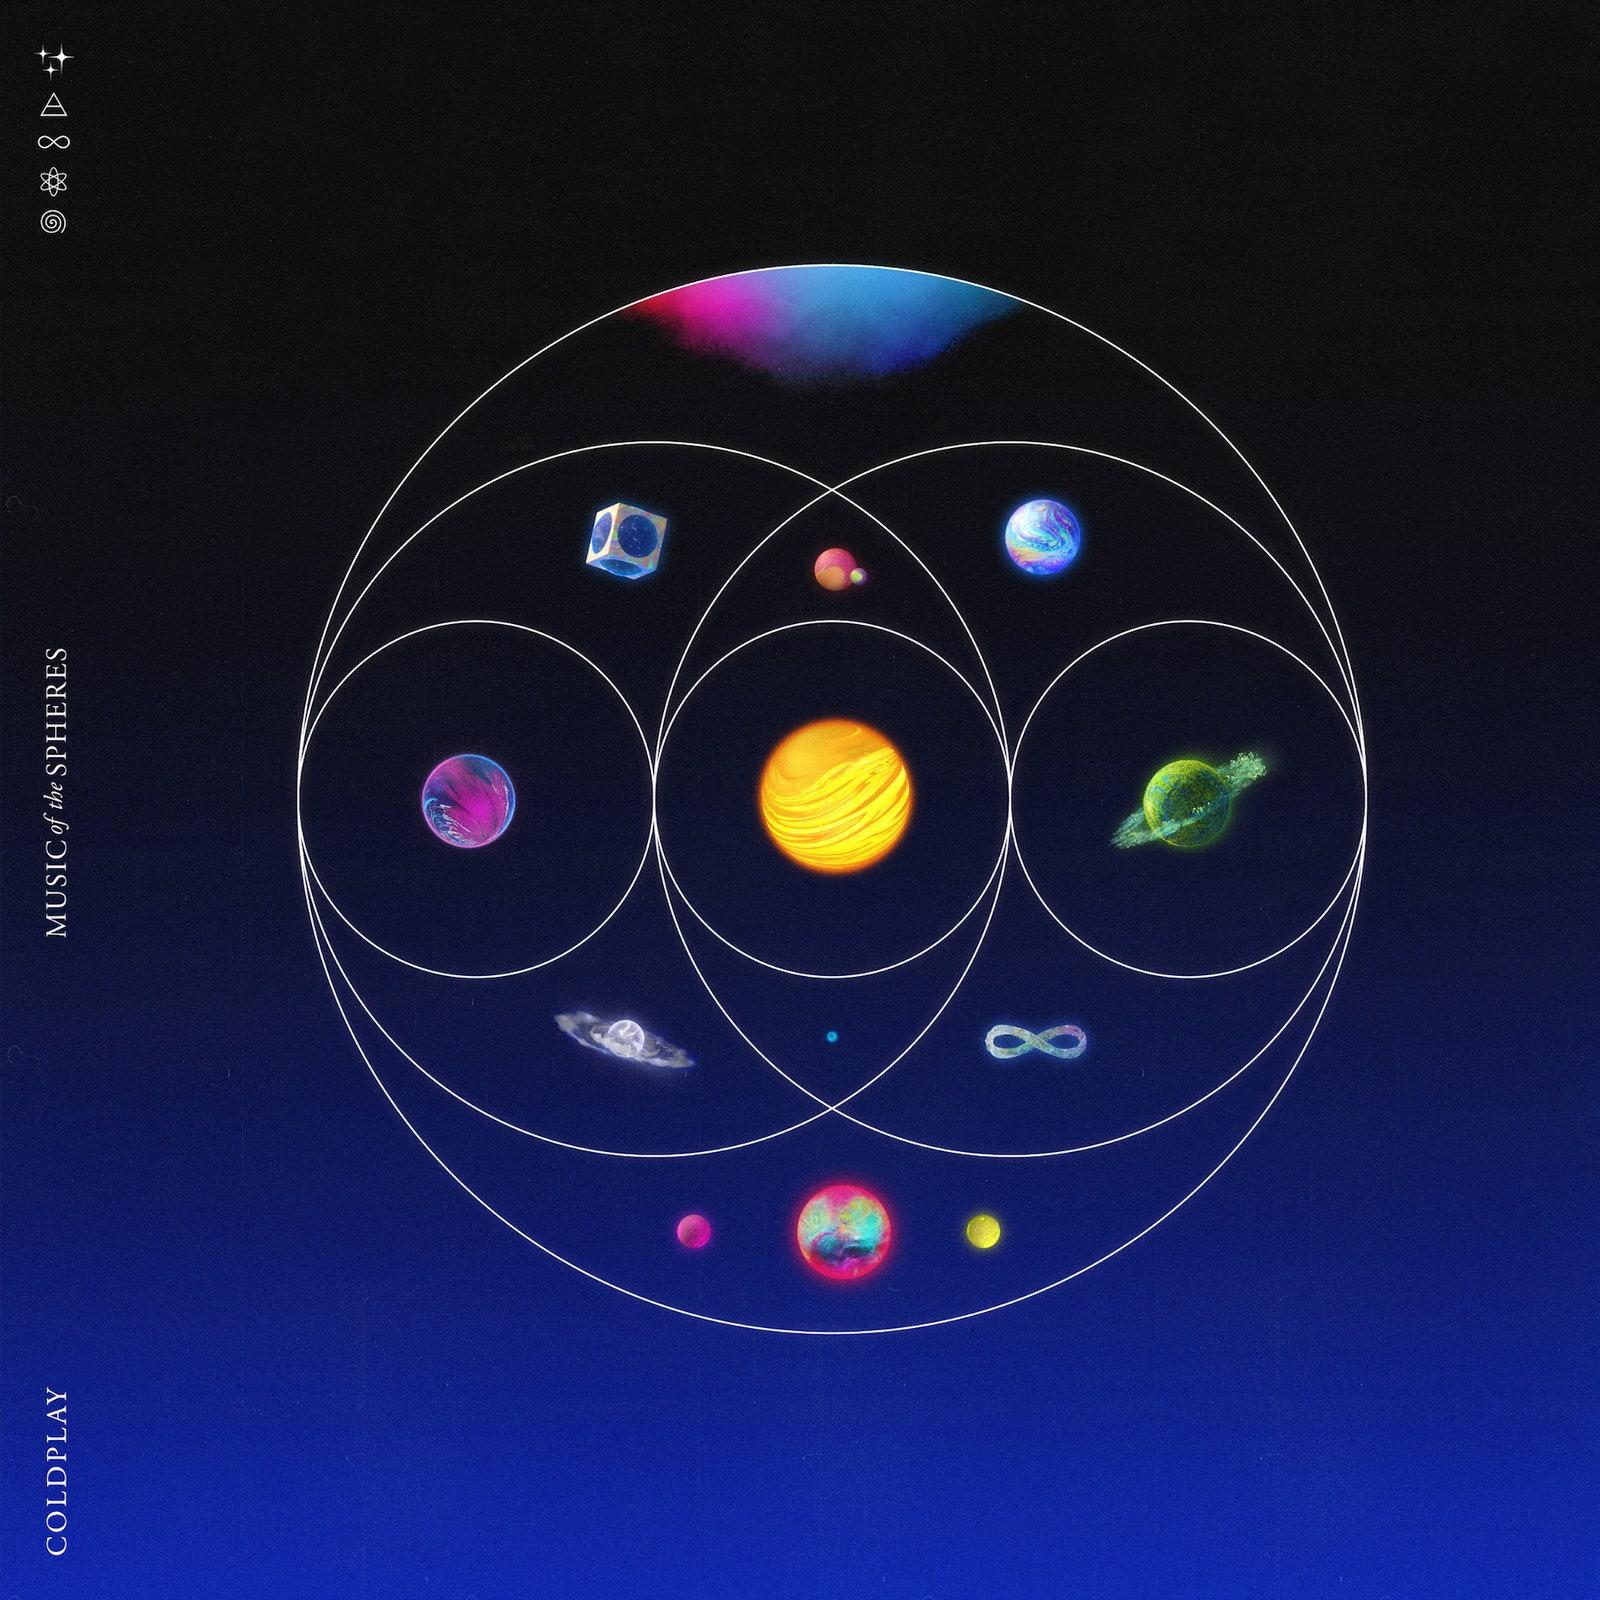 Coldplay Albumcover blauer Hintergrund Planeten Kreise